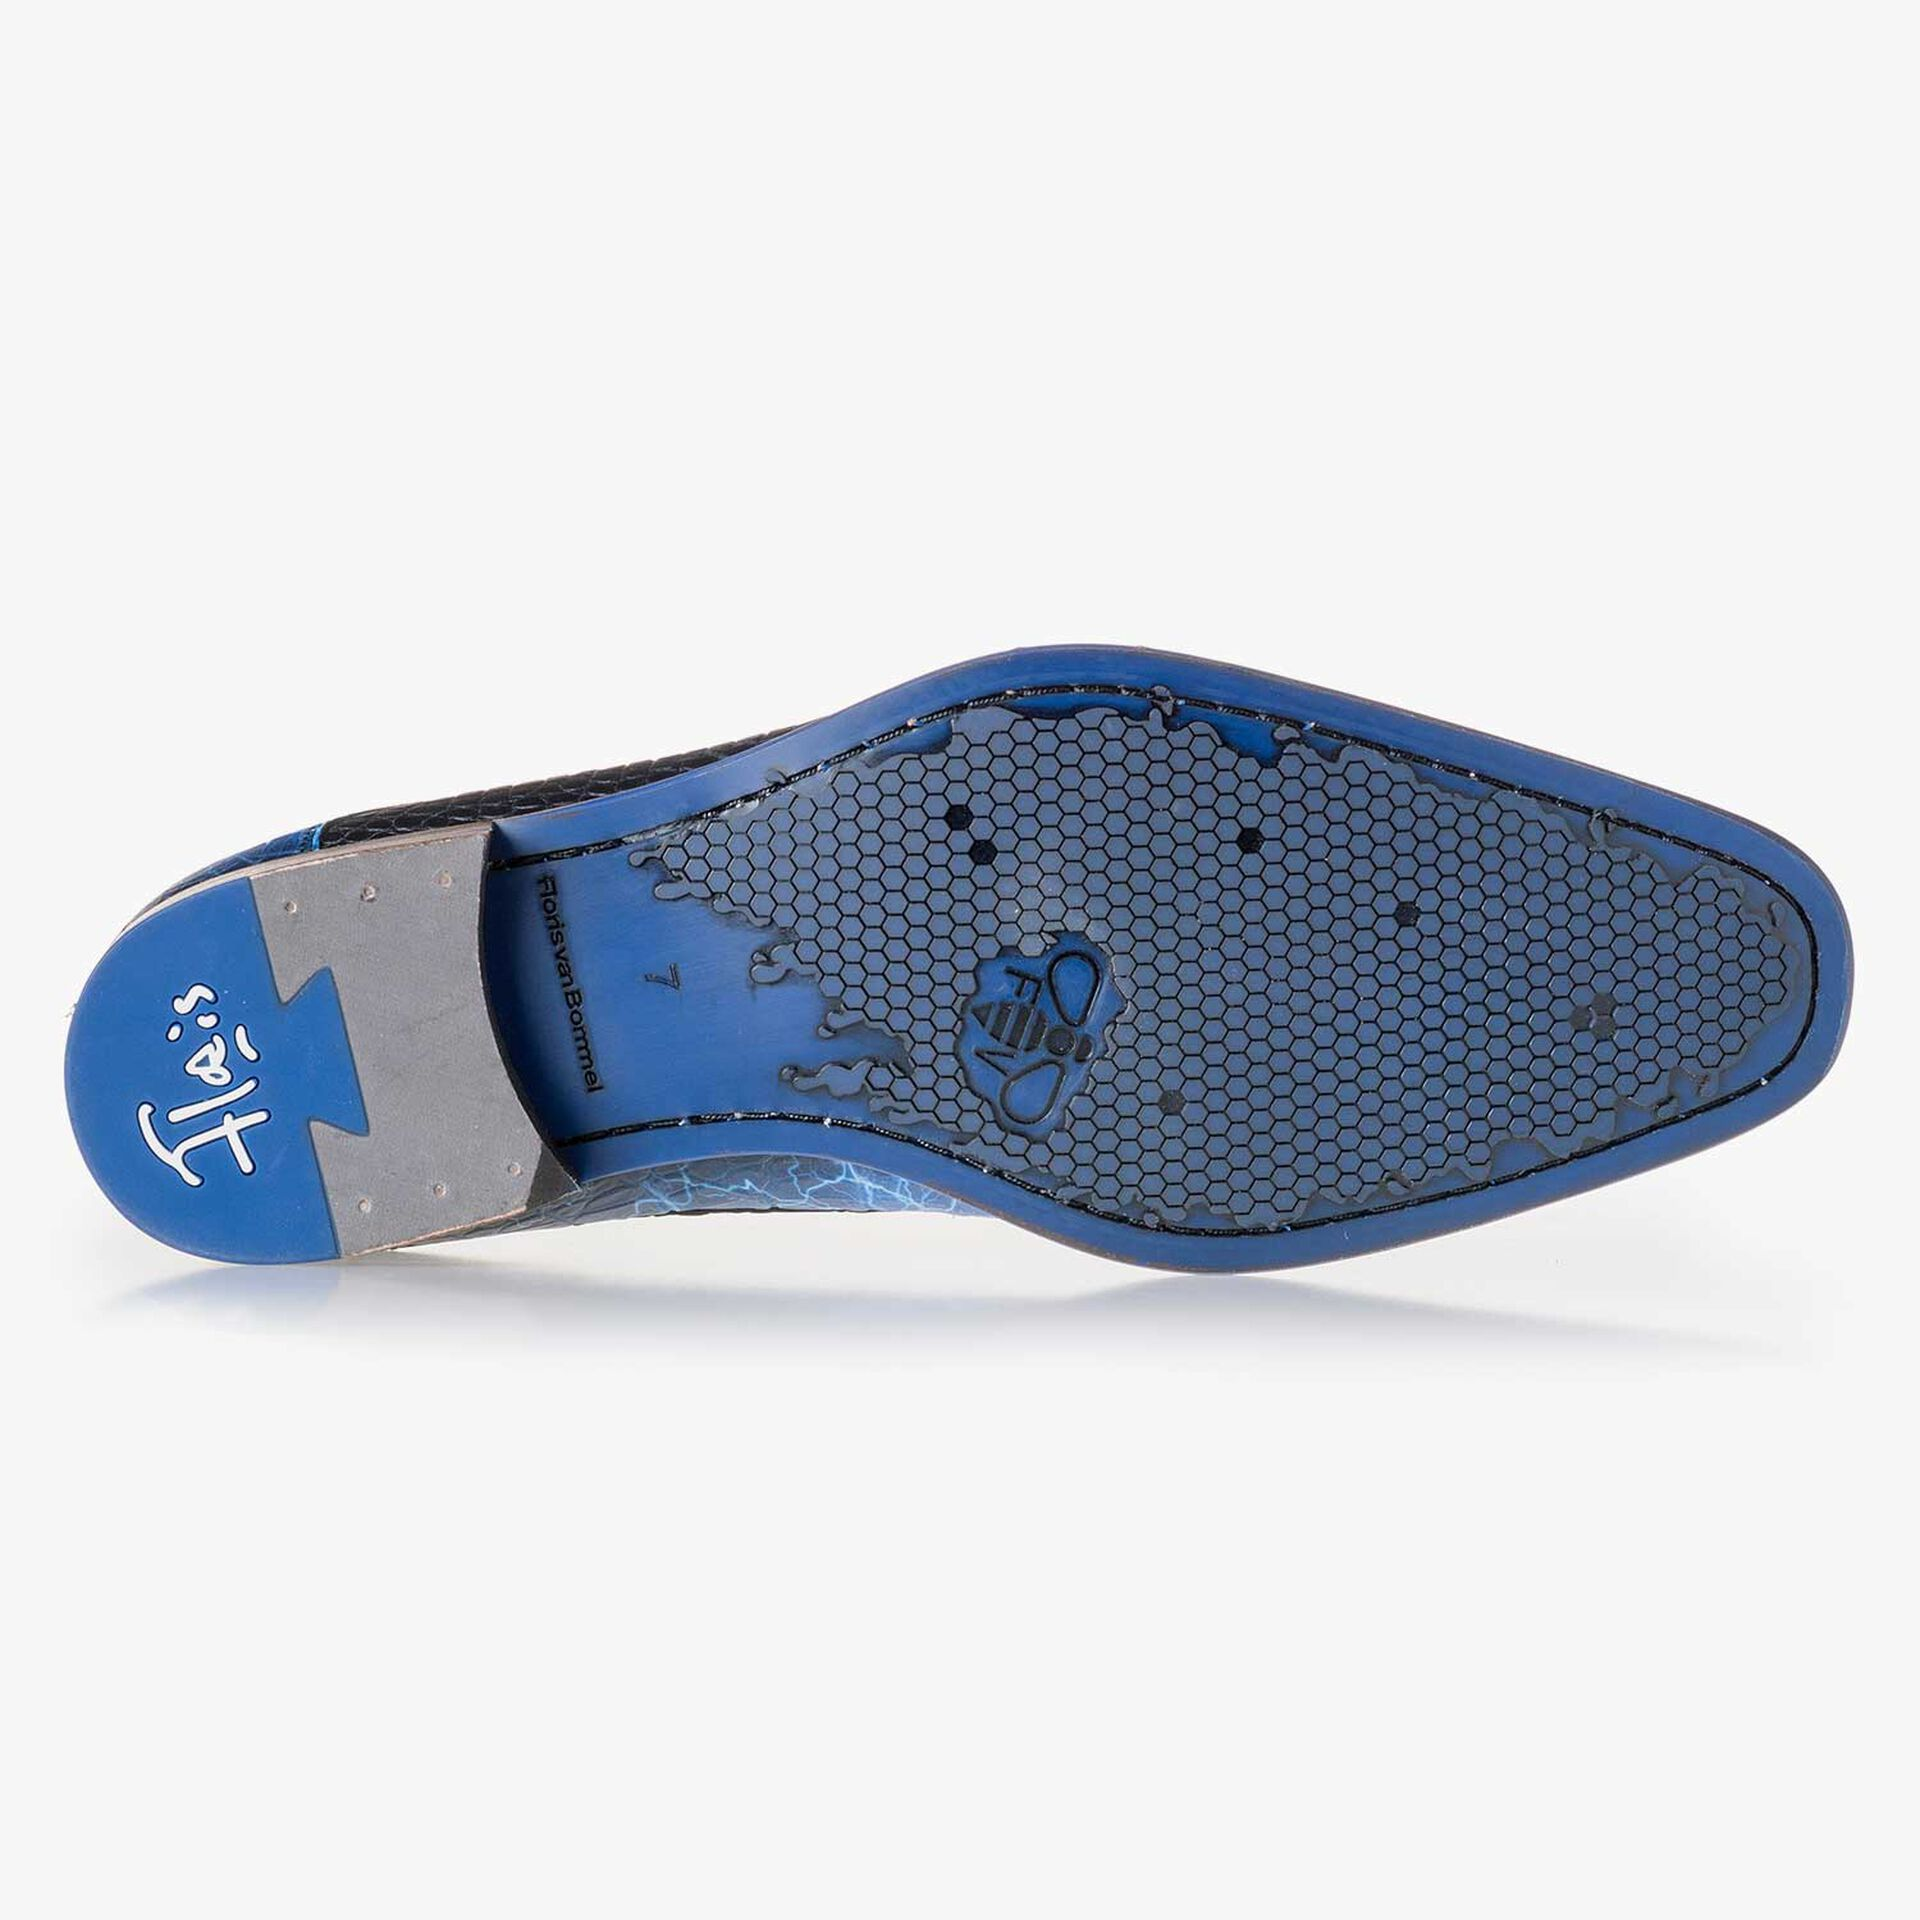 Premium blauwe veterschoen van leer met print